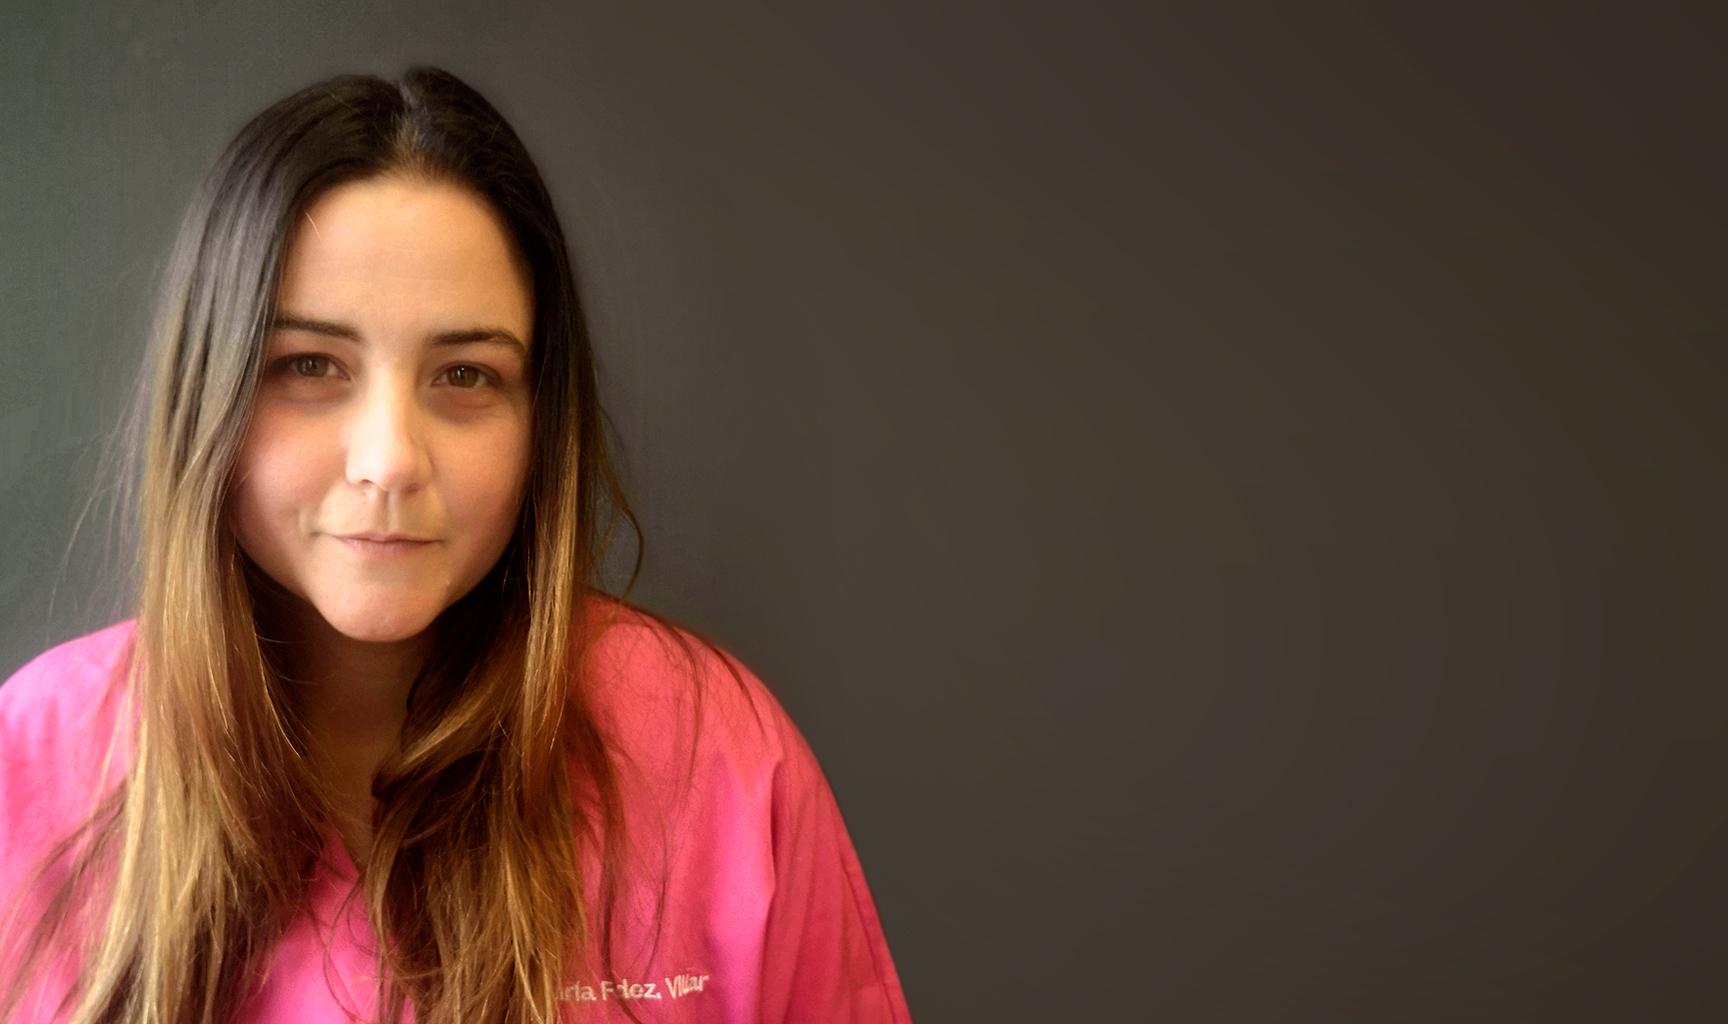 María Fernández Villar